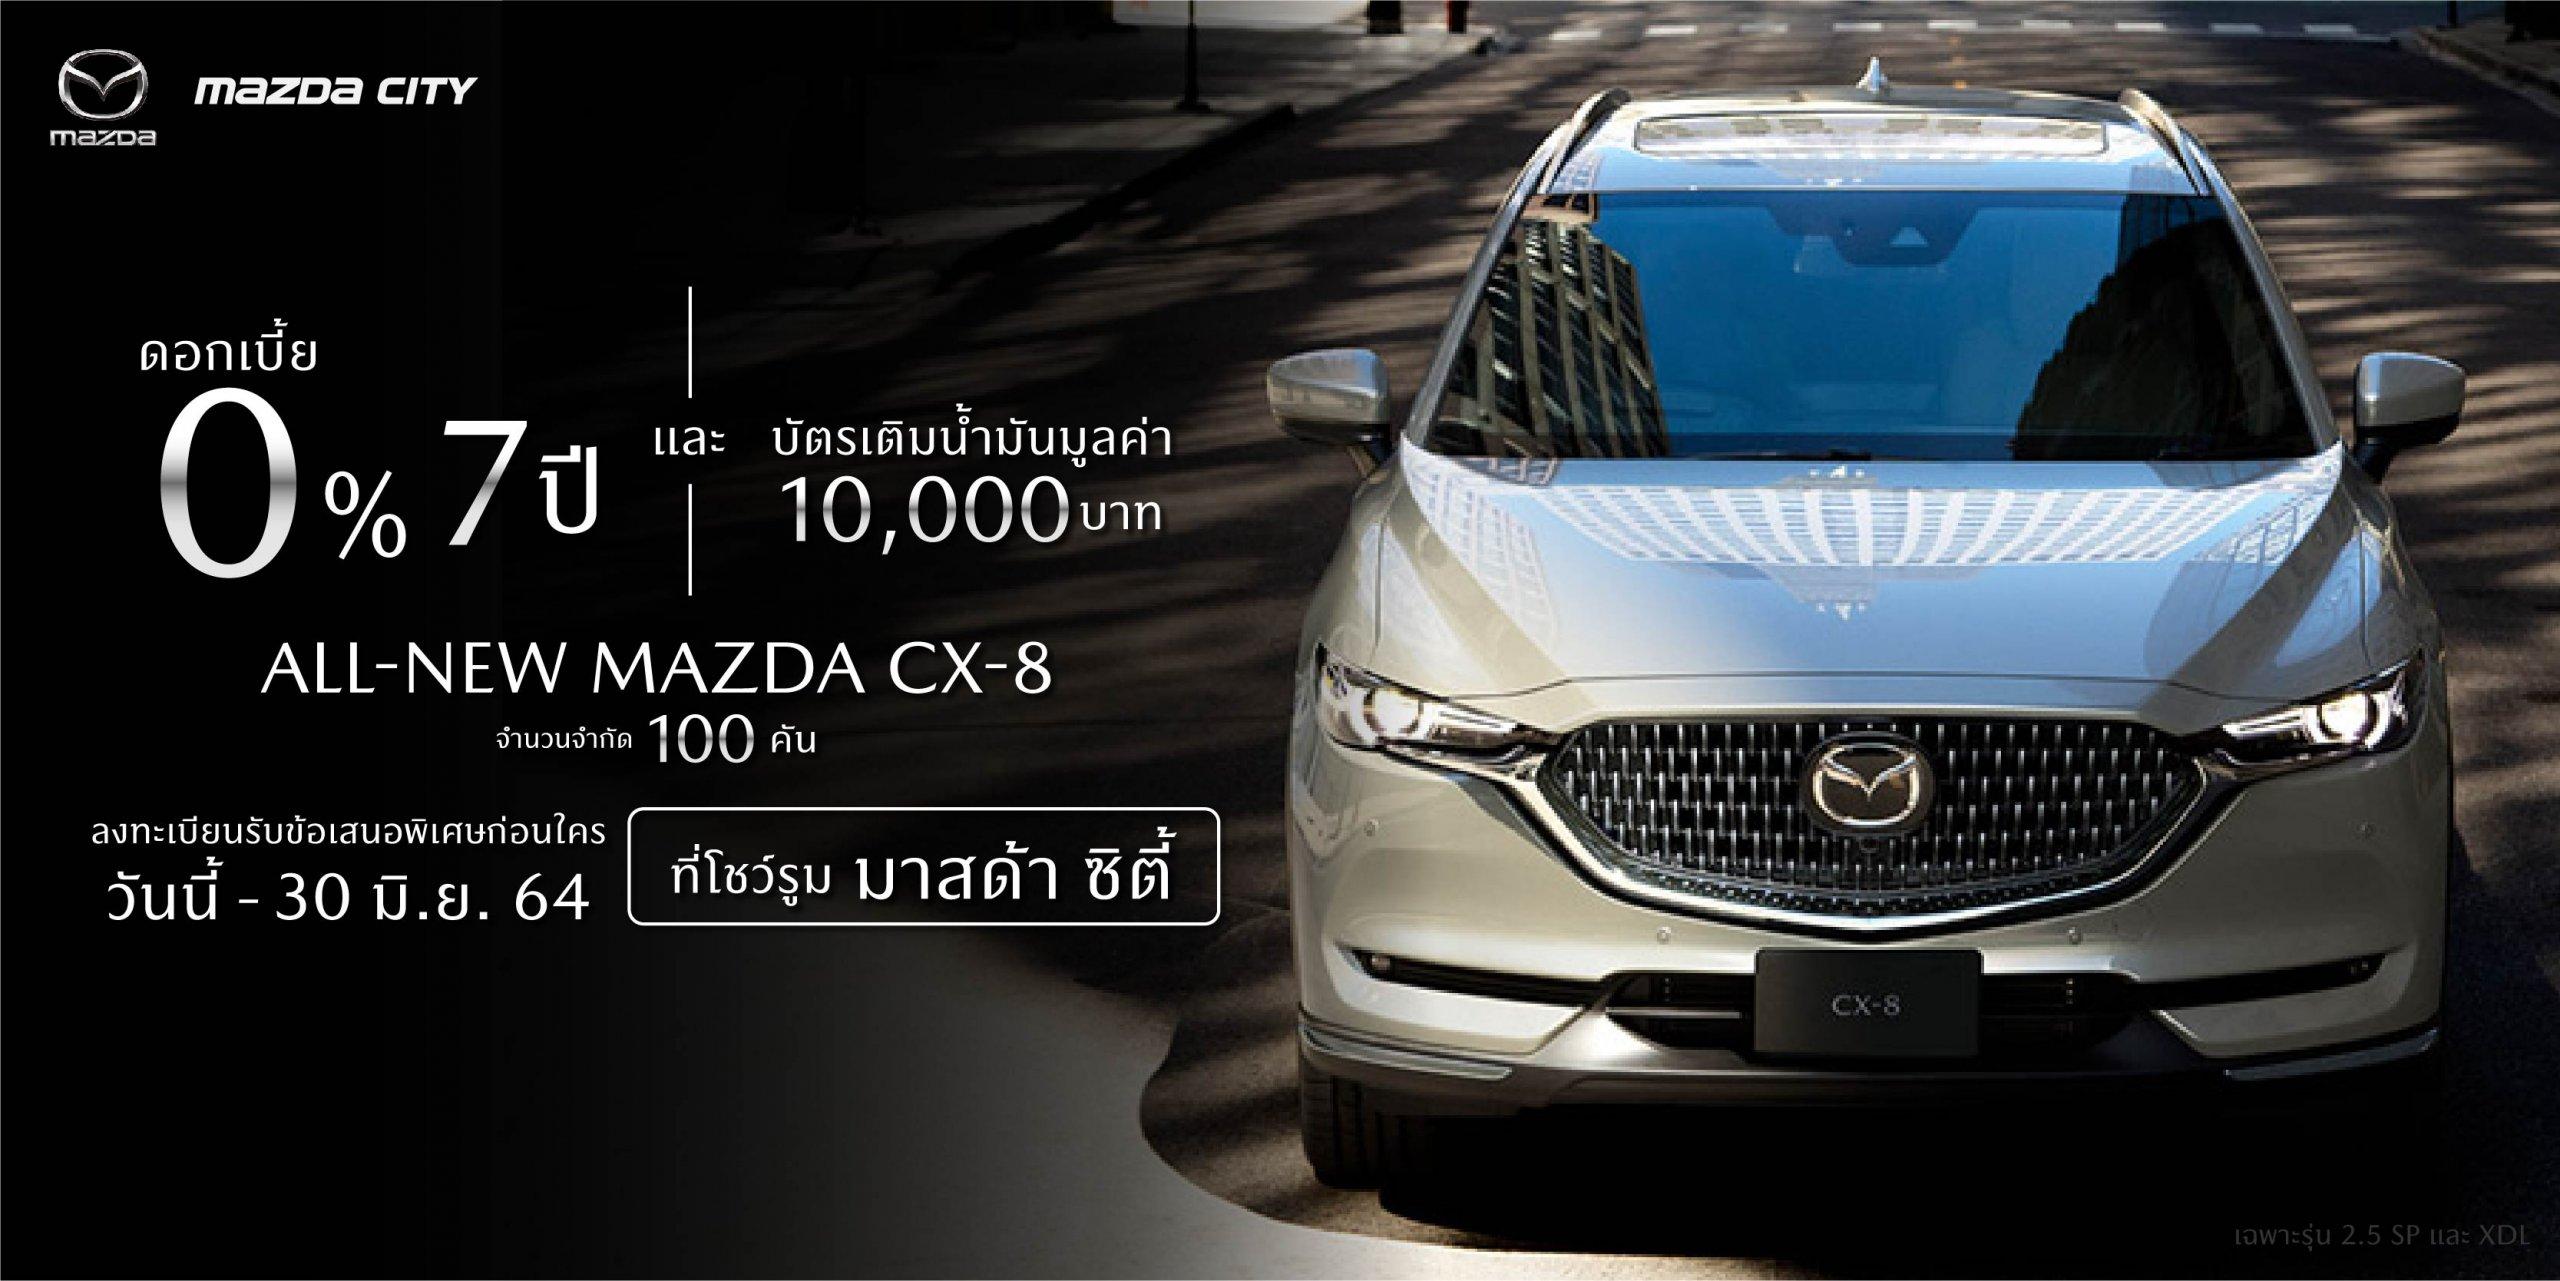 [ Mazda City ] โปรโมชั่น Mazda CX-8 2021_01